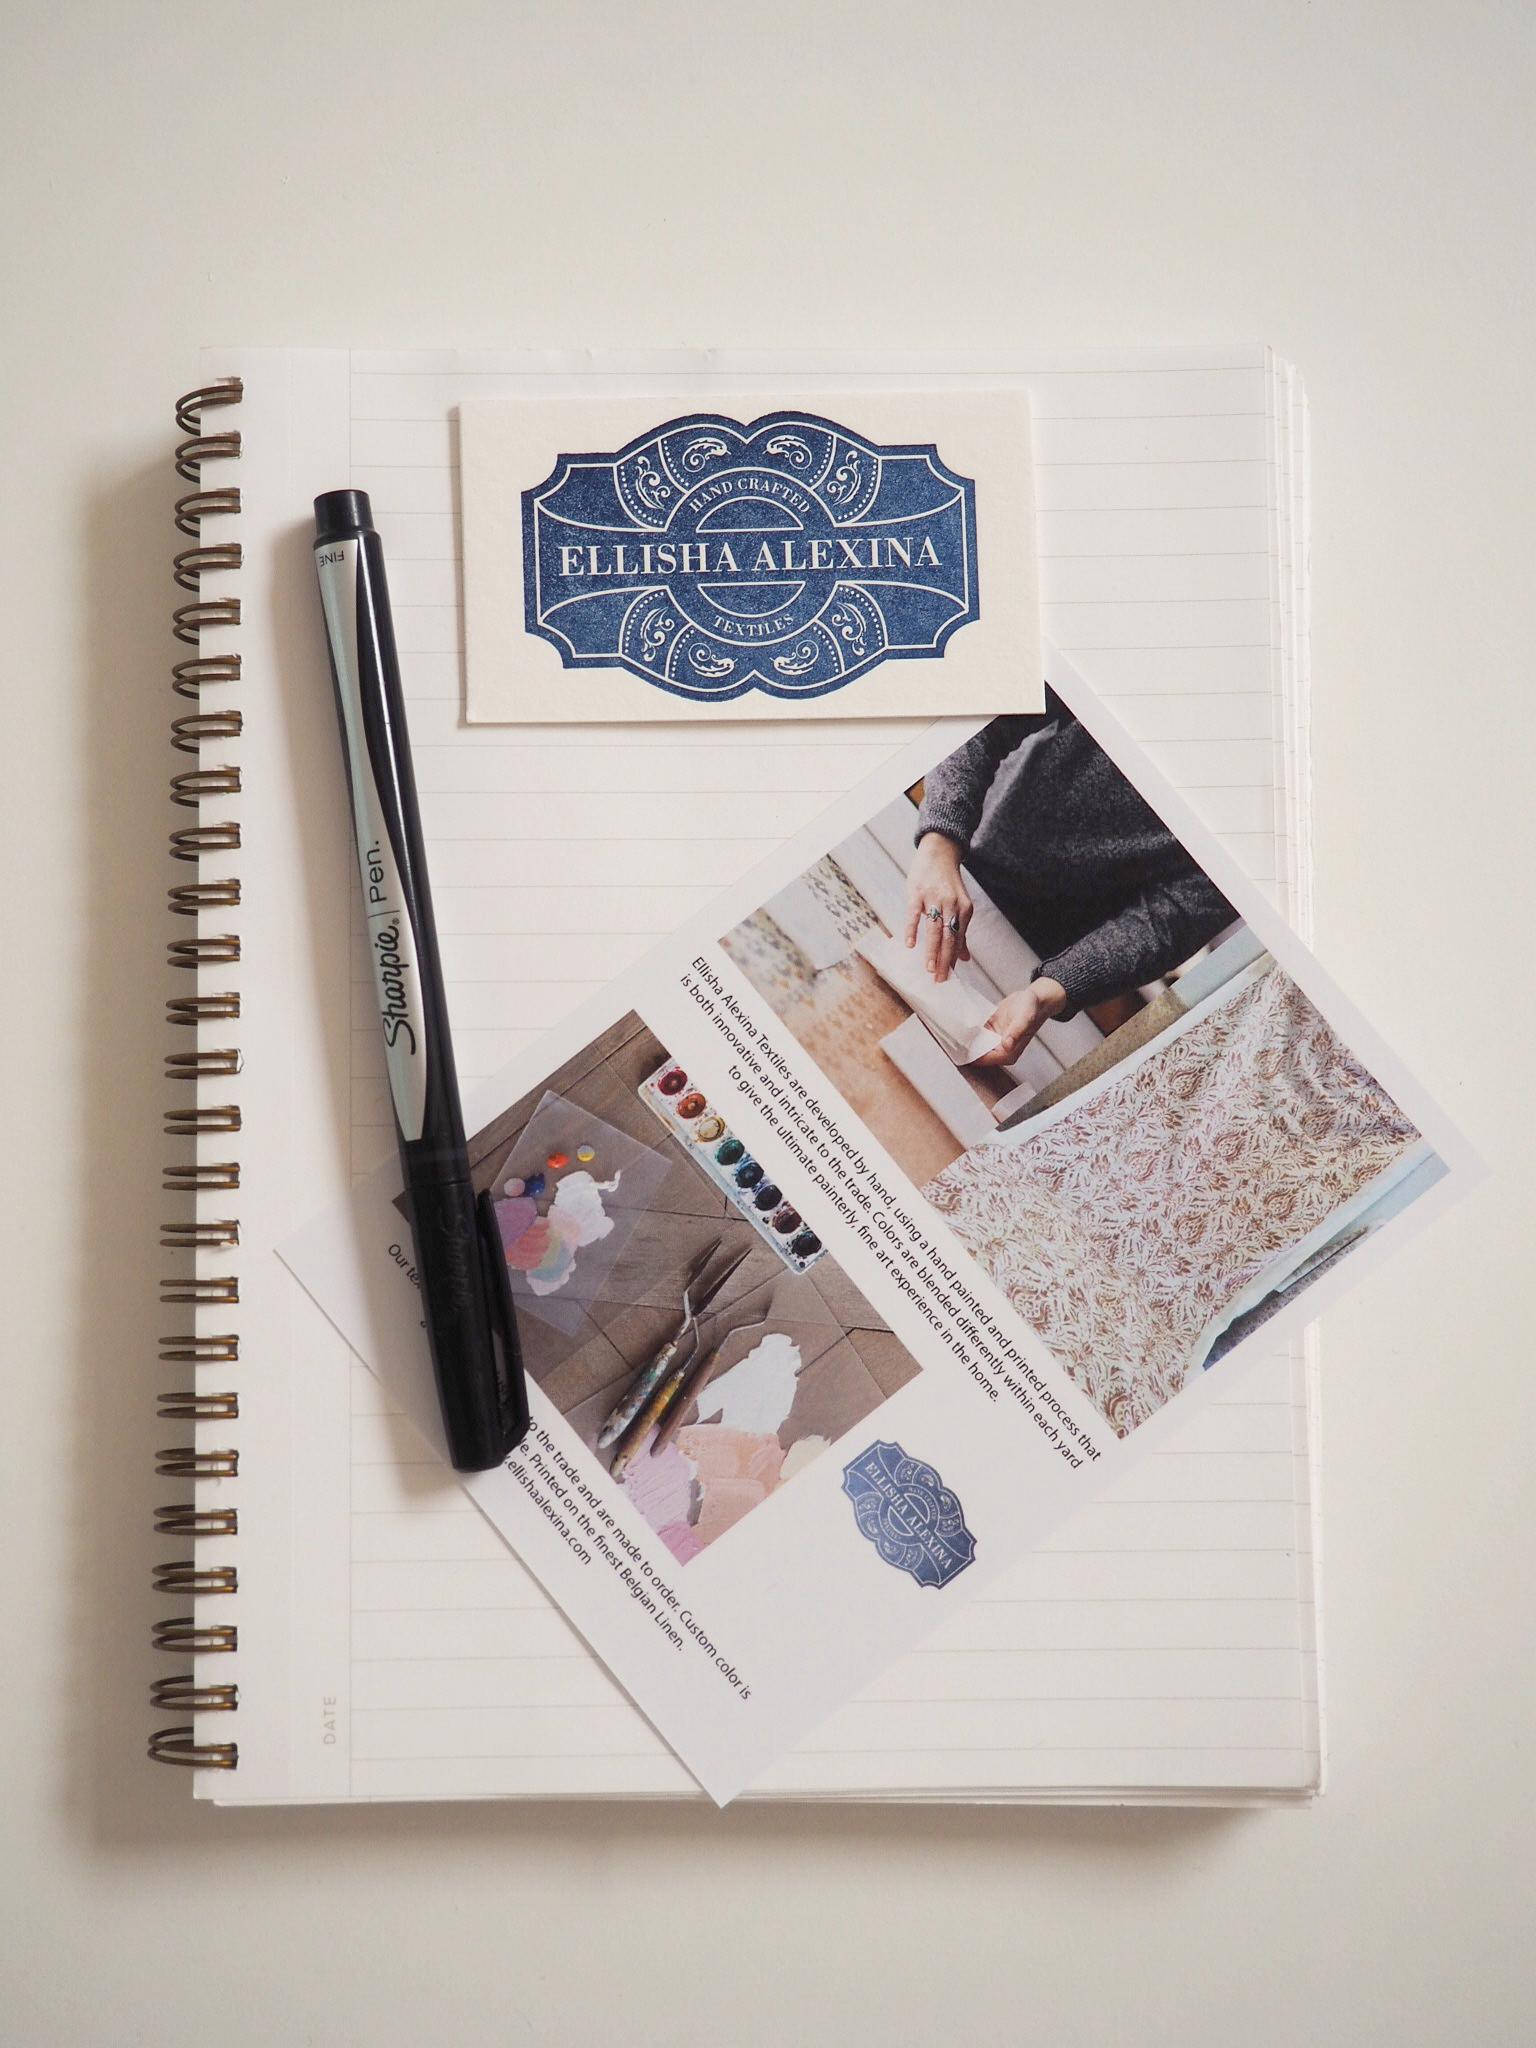 Ellisha Alexina Notebook 1.jpg